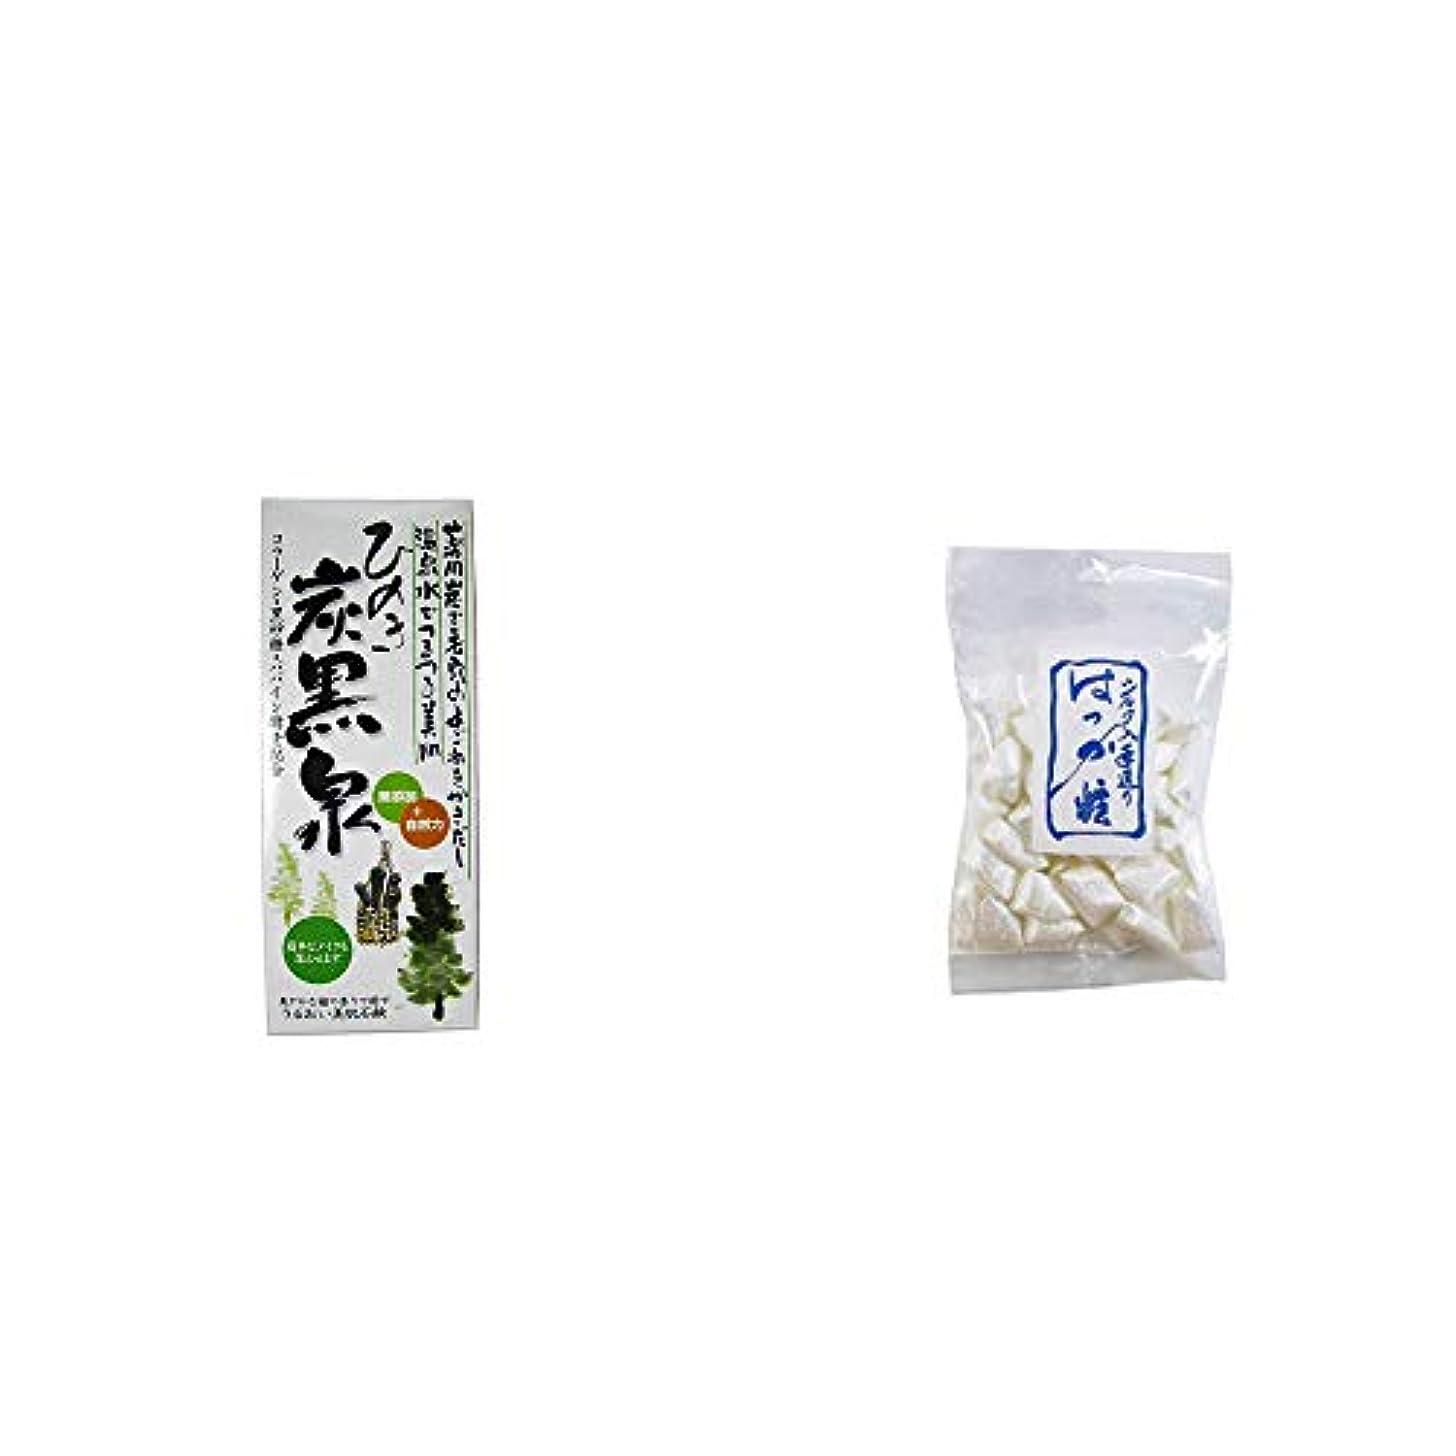 使役スラッシュ麦芽[2点セット] ひのき炭黒泉 箱入り(75g×3)?シルクはっか糖(150g)